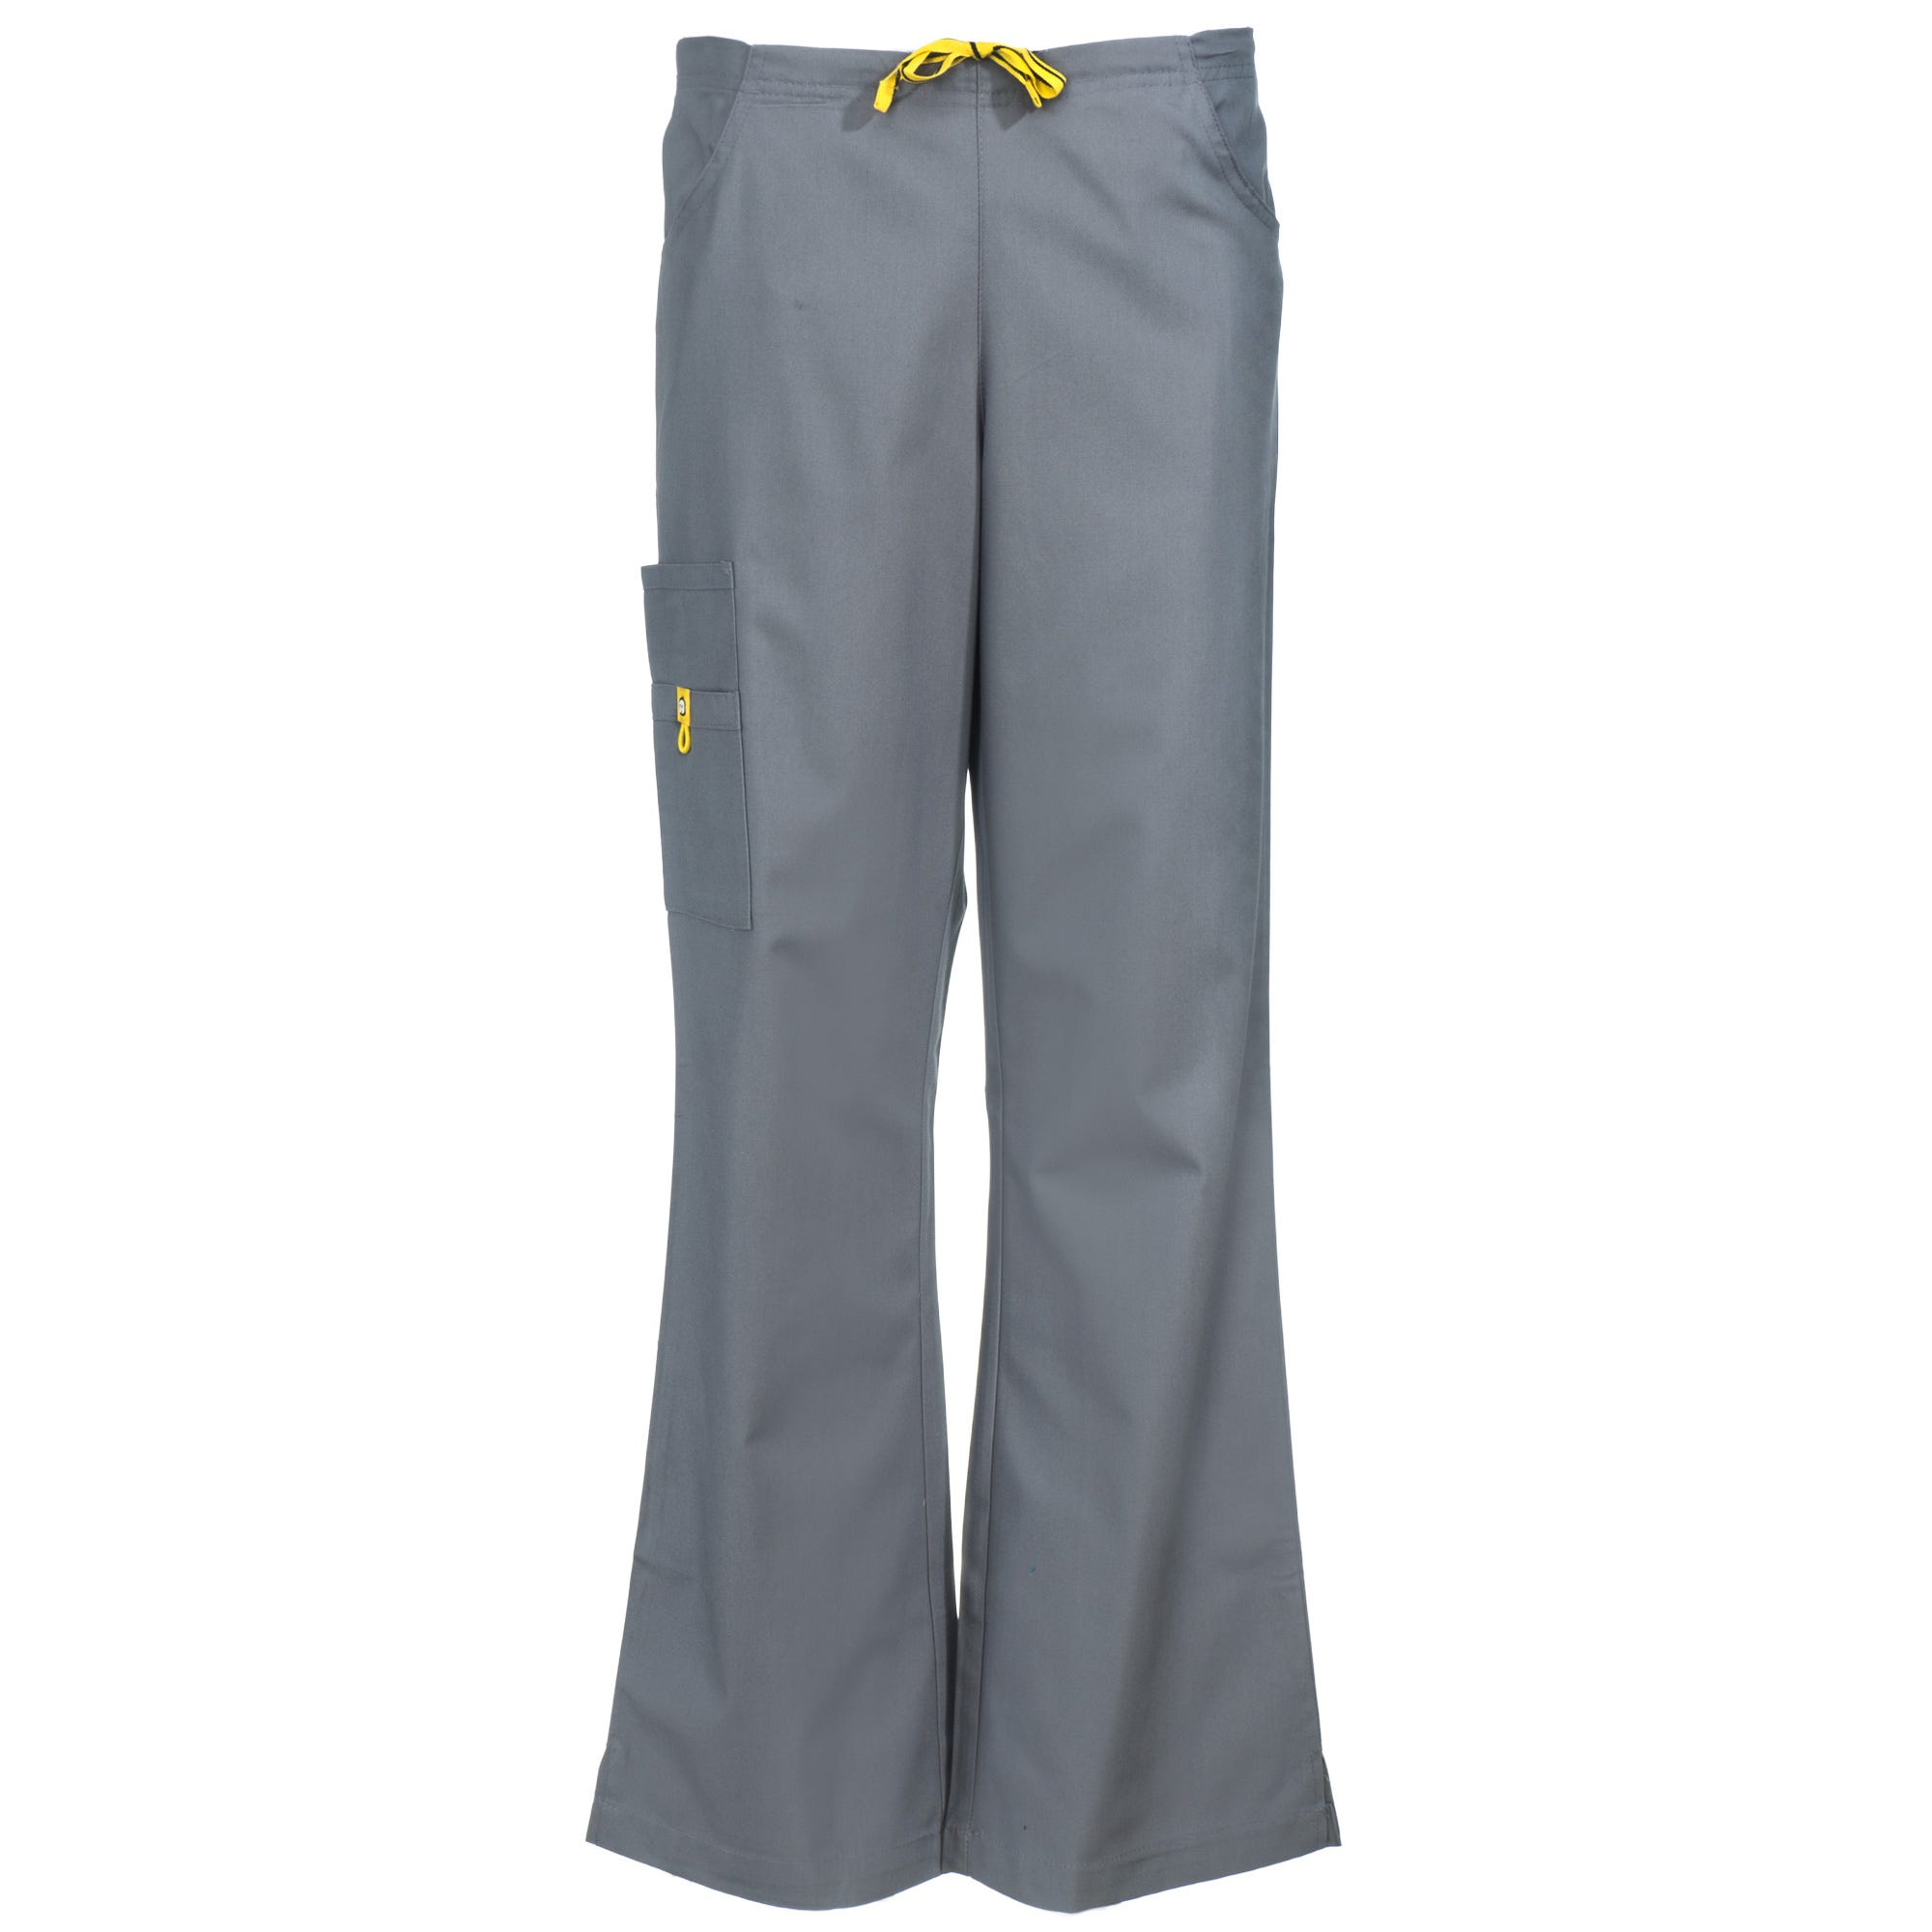 Wonderwink Women's 5026 PEW Grey Romeo Flare Leg Pewter Scrub Pants